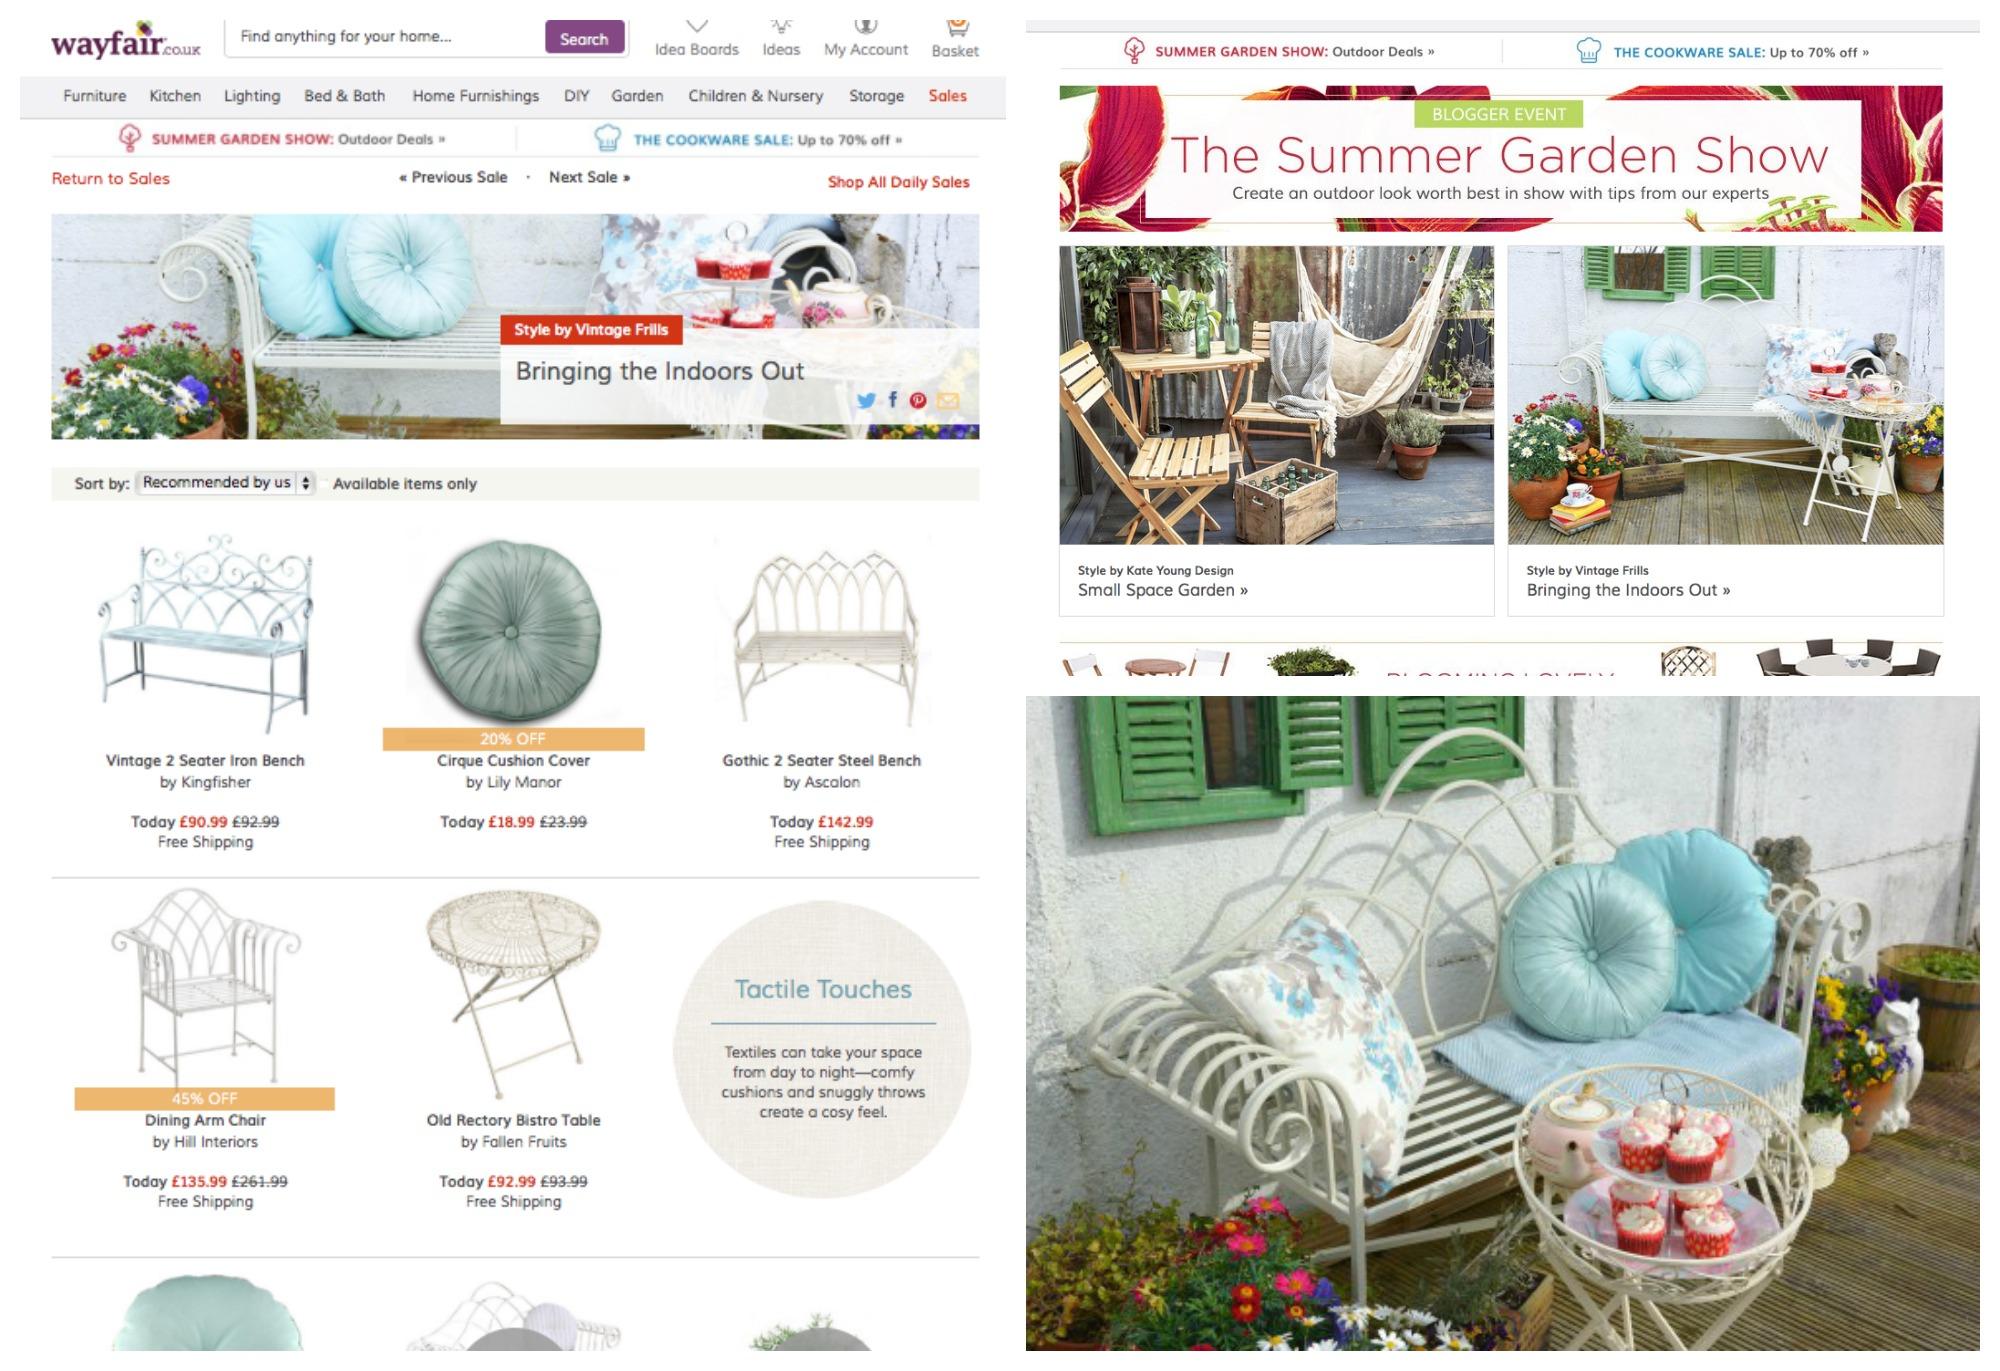 wayfair-summer-garden-blogger-edit